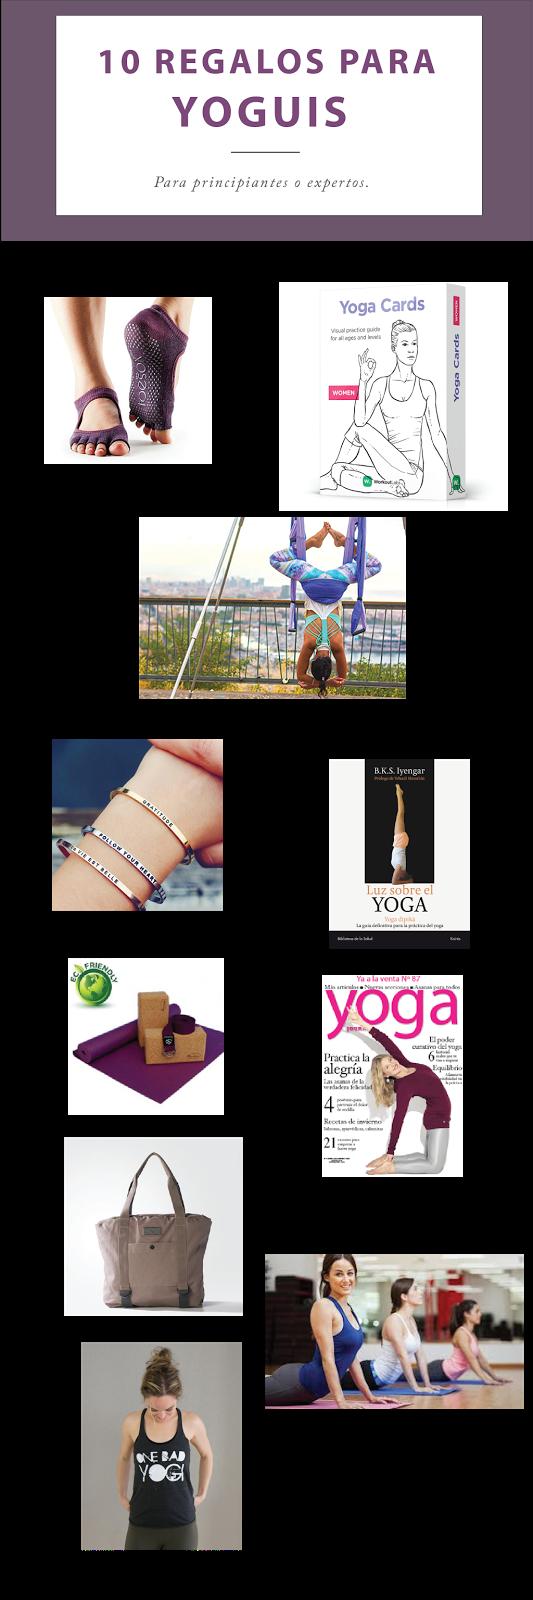 Regalos Yoga